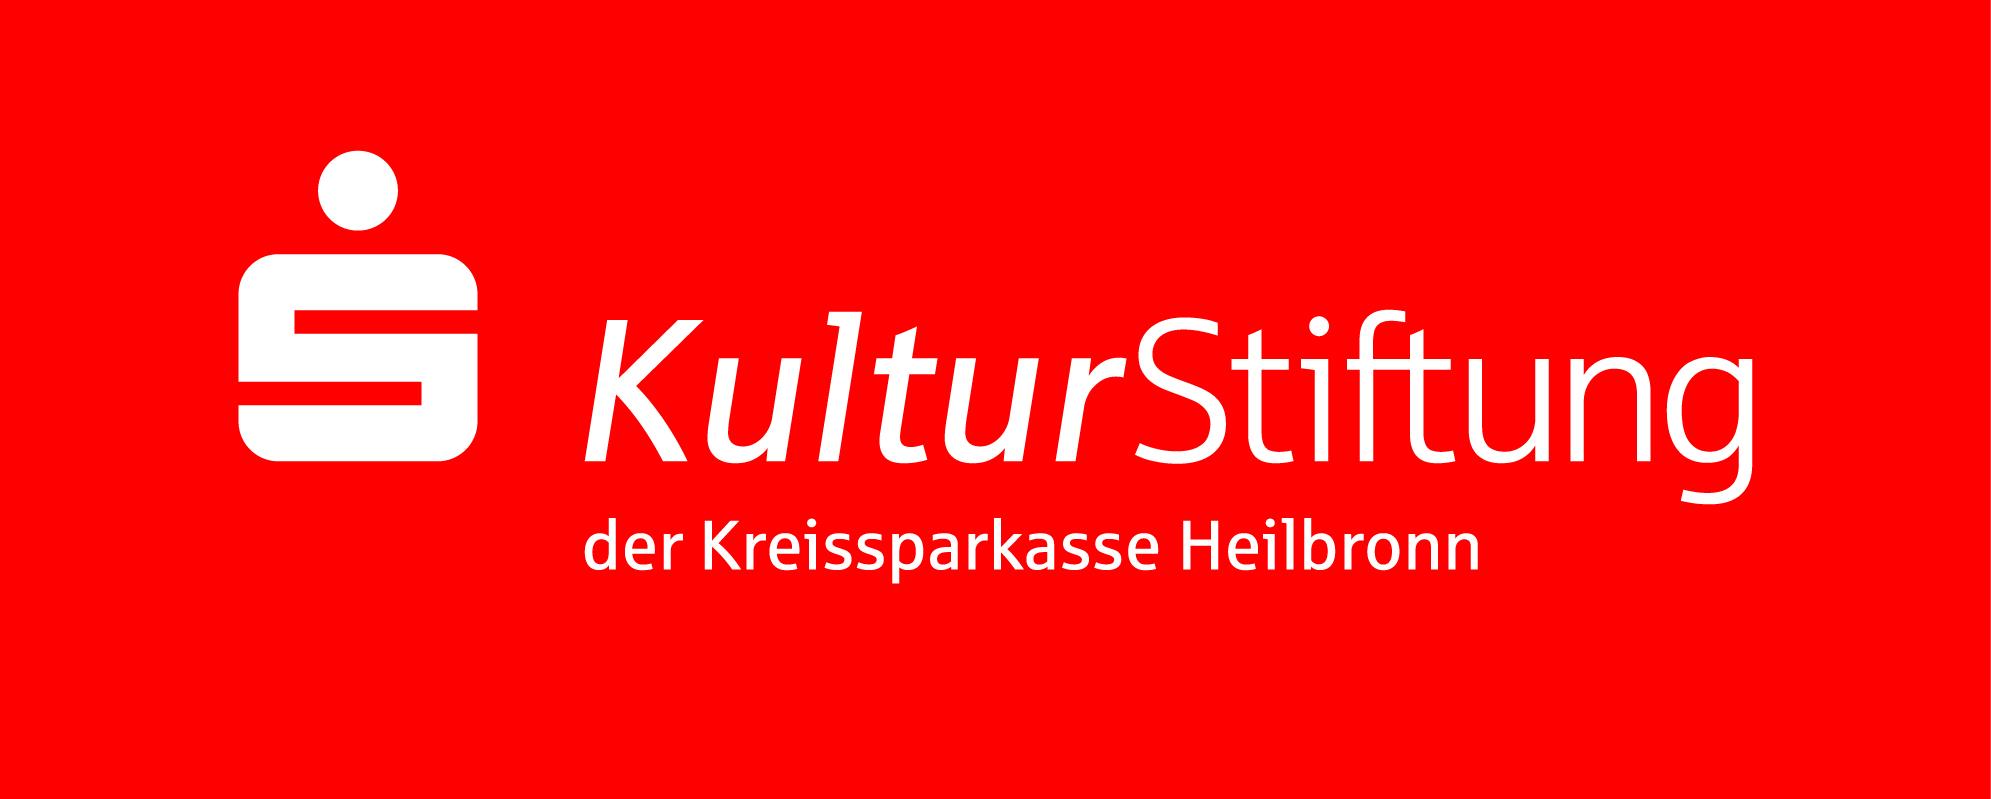 Kulturstiftung der Kreissparkasse Heilbronn